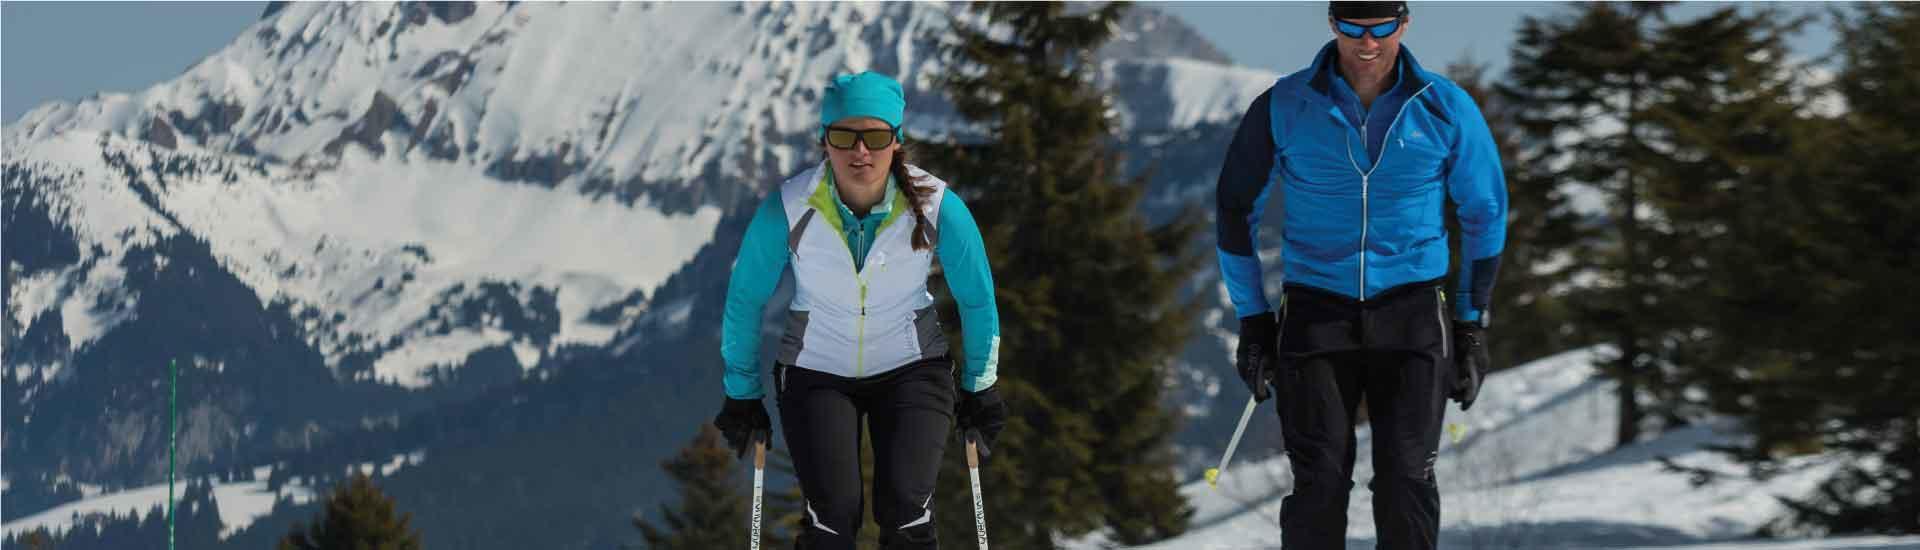 How to Choose Your Ski Jacket and Ski Pants